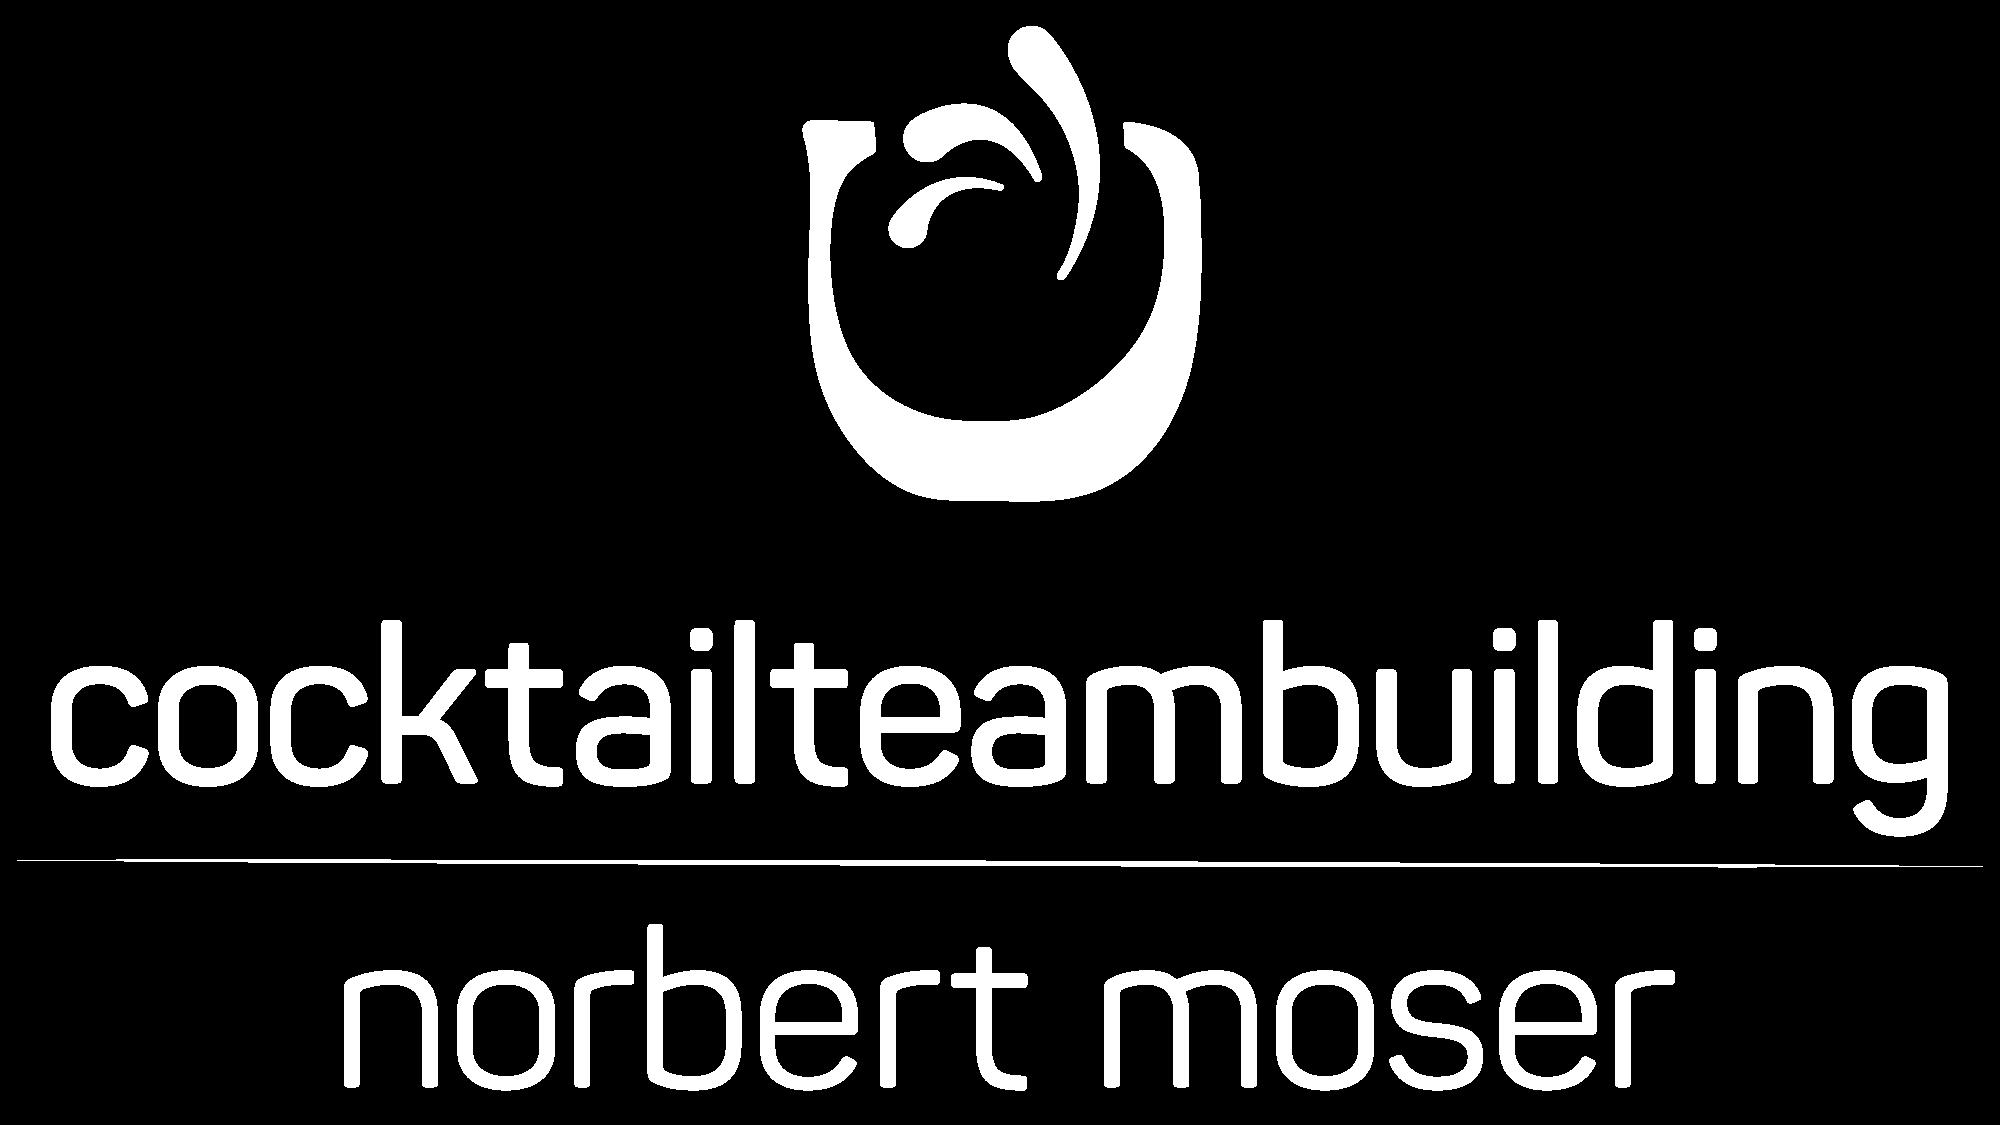 cocktailteambuilding norbert moser